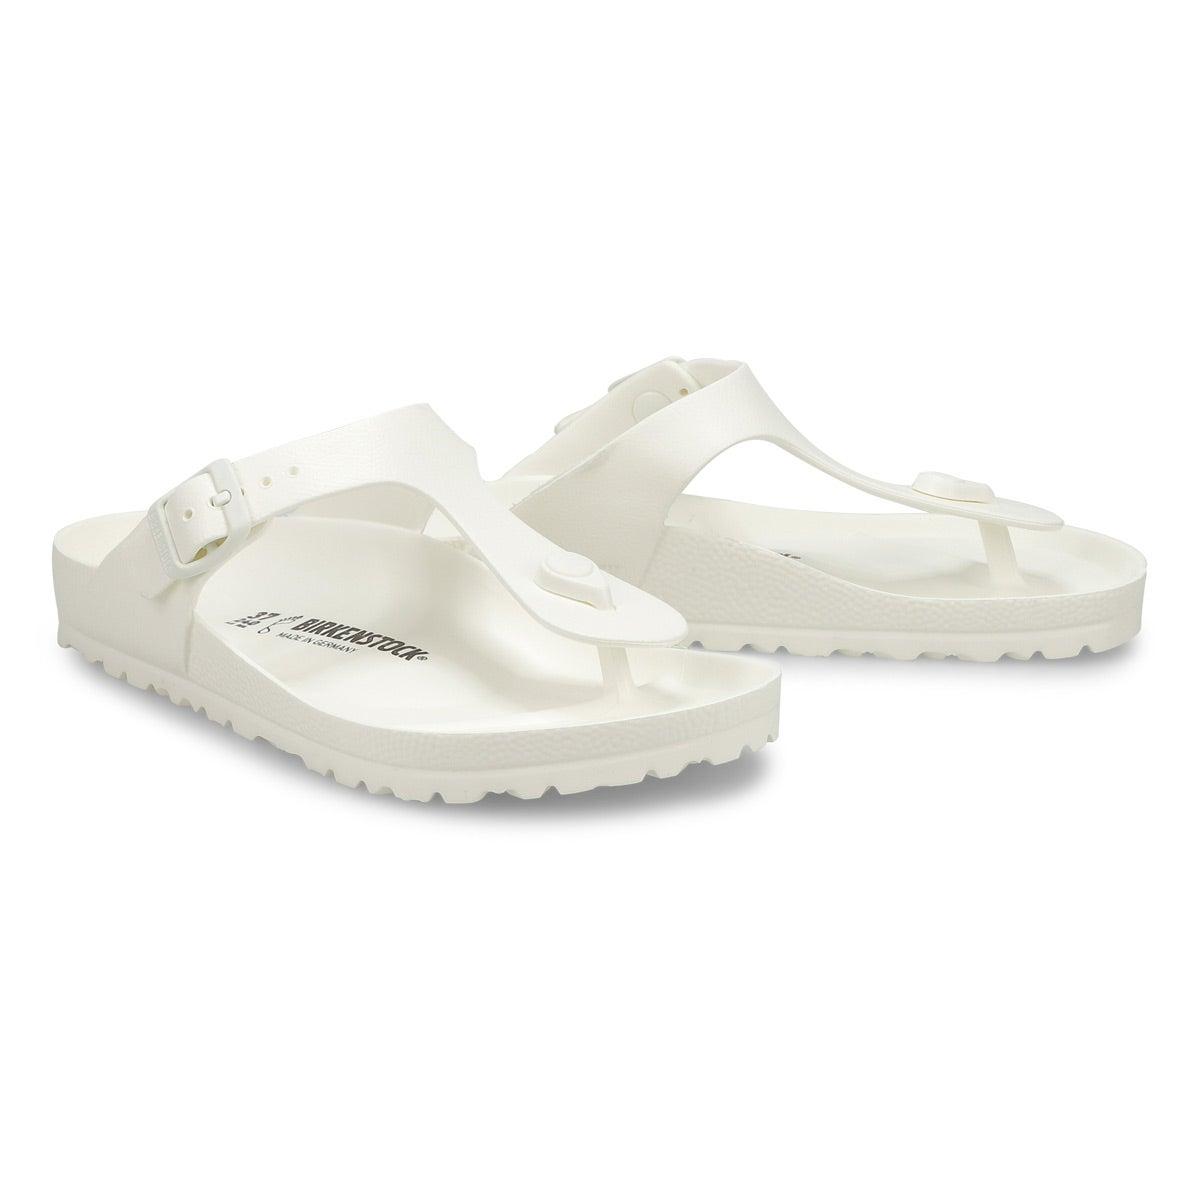 Women's GIZEH EVA  Thong Sandal - White